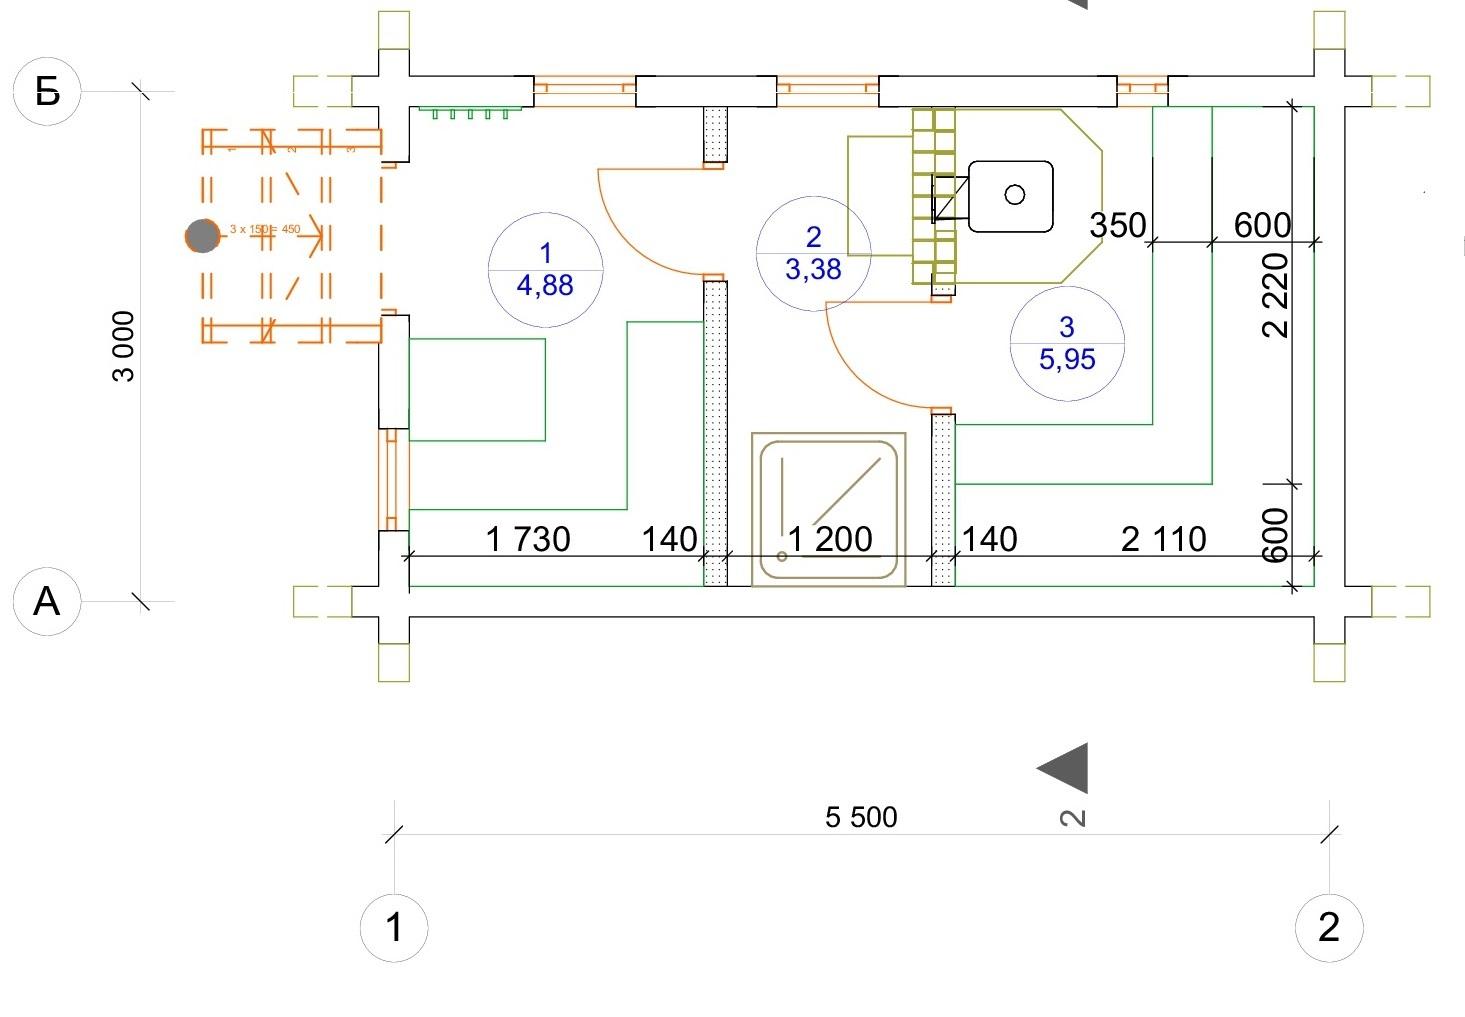 План первого этажа Baden-Baden (Баня Баден-Баден)